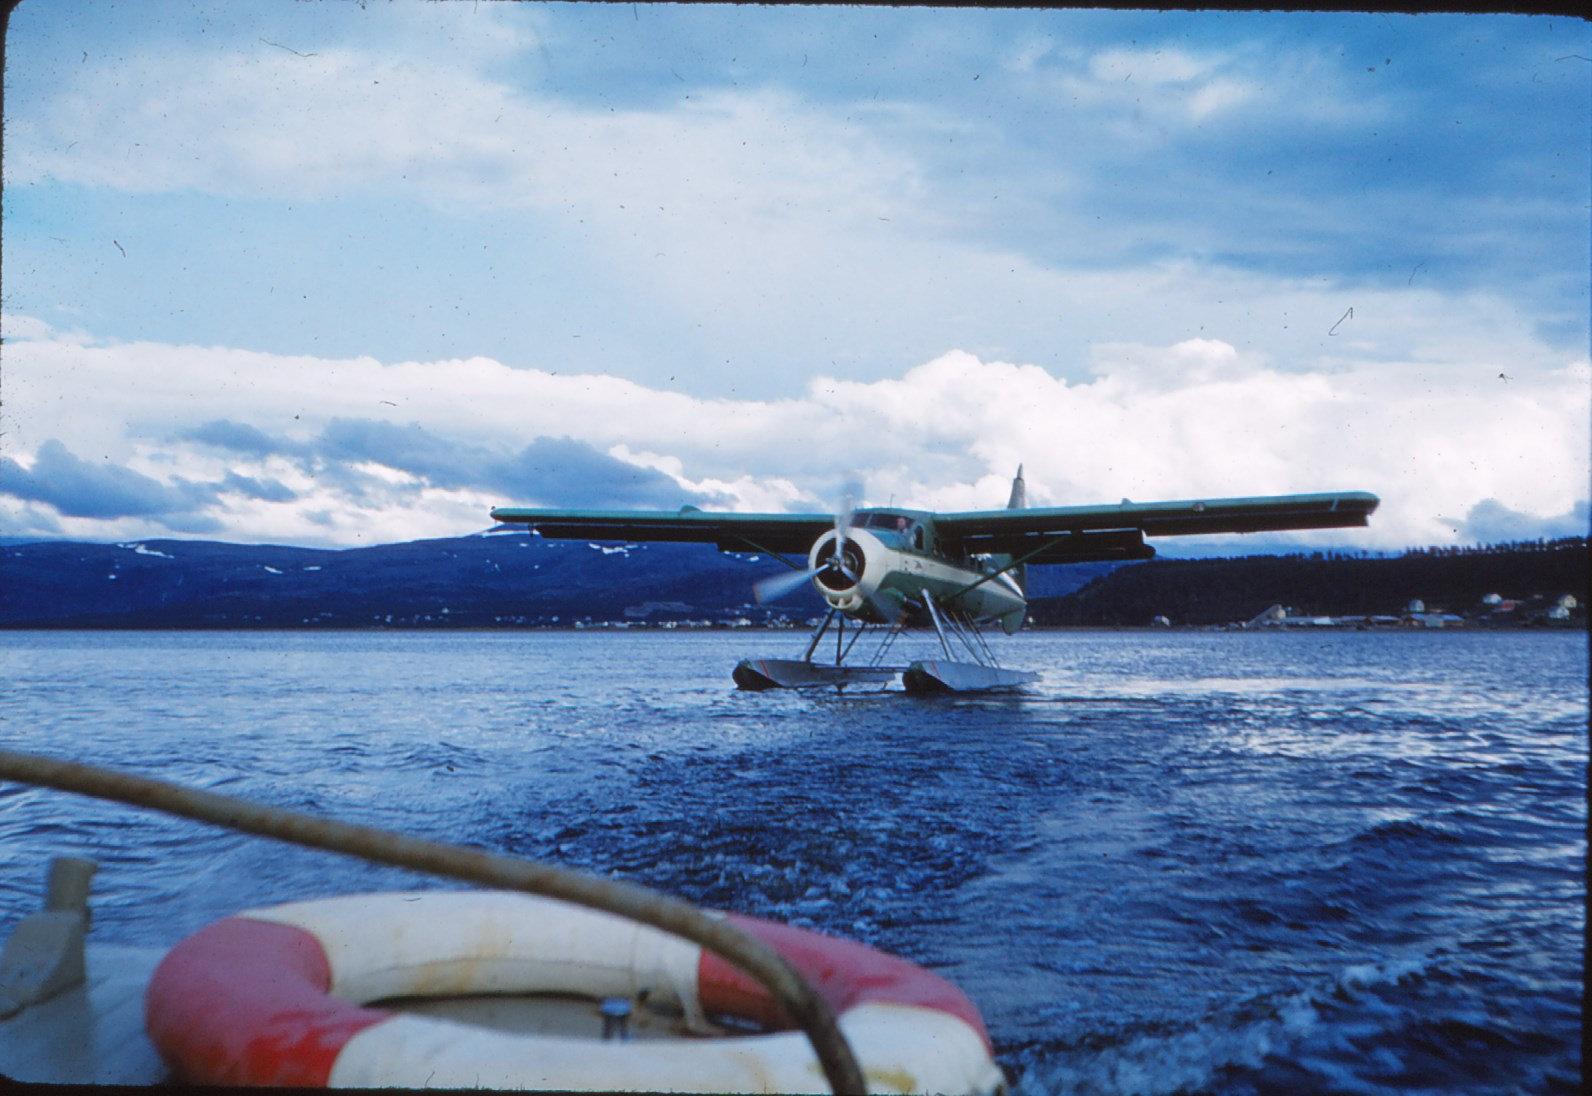 909 (19) Altafjord